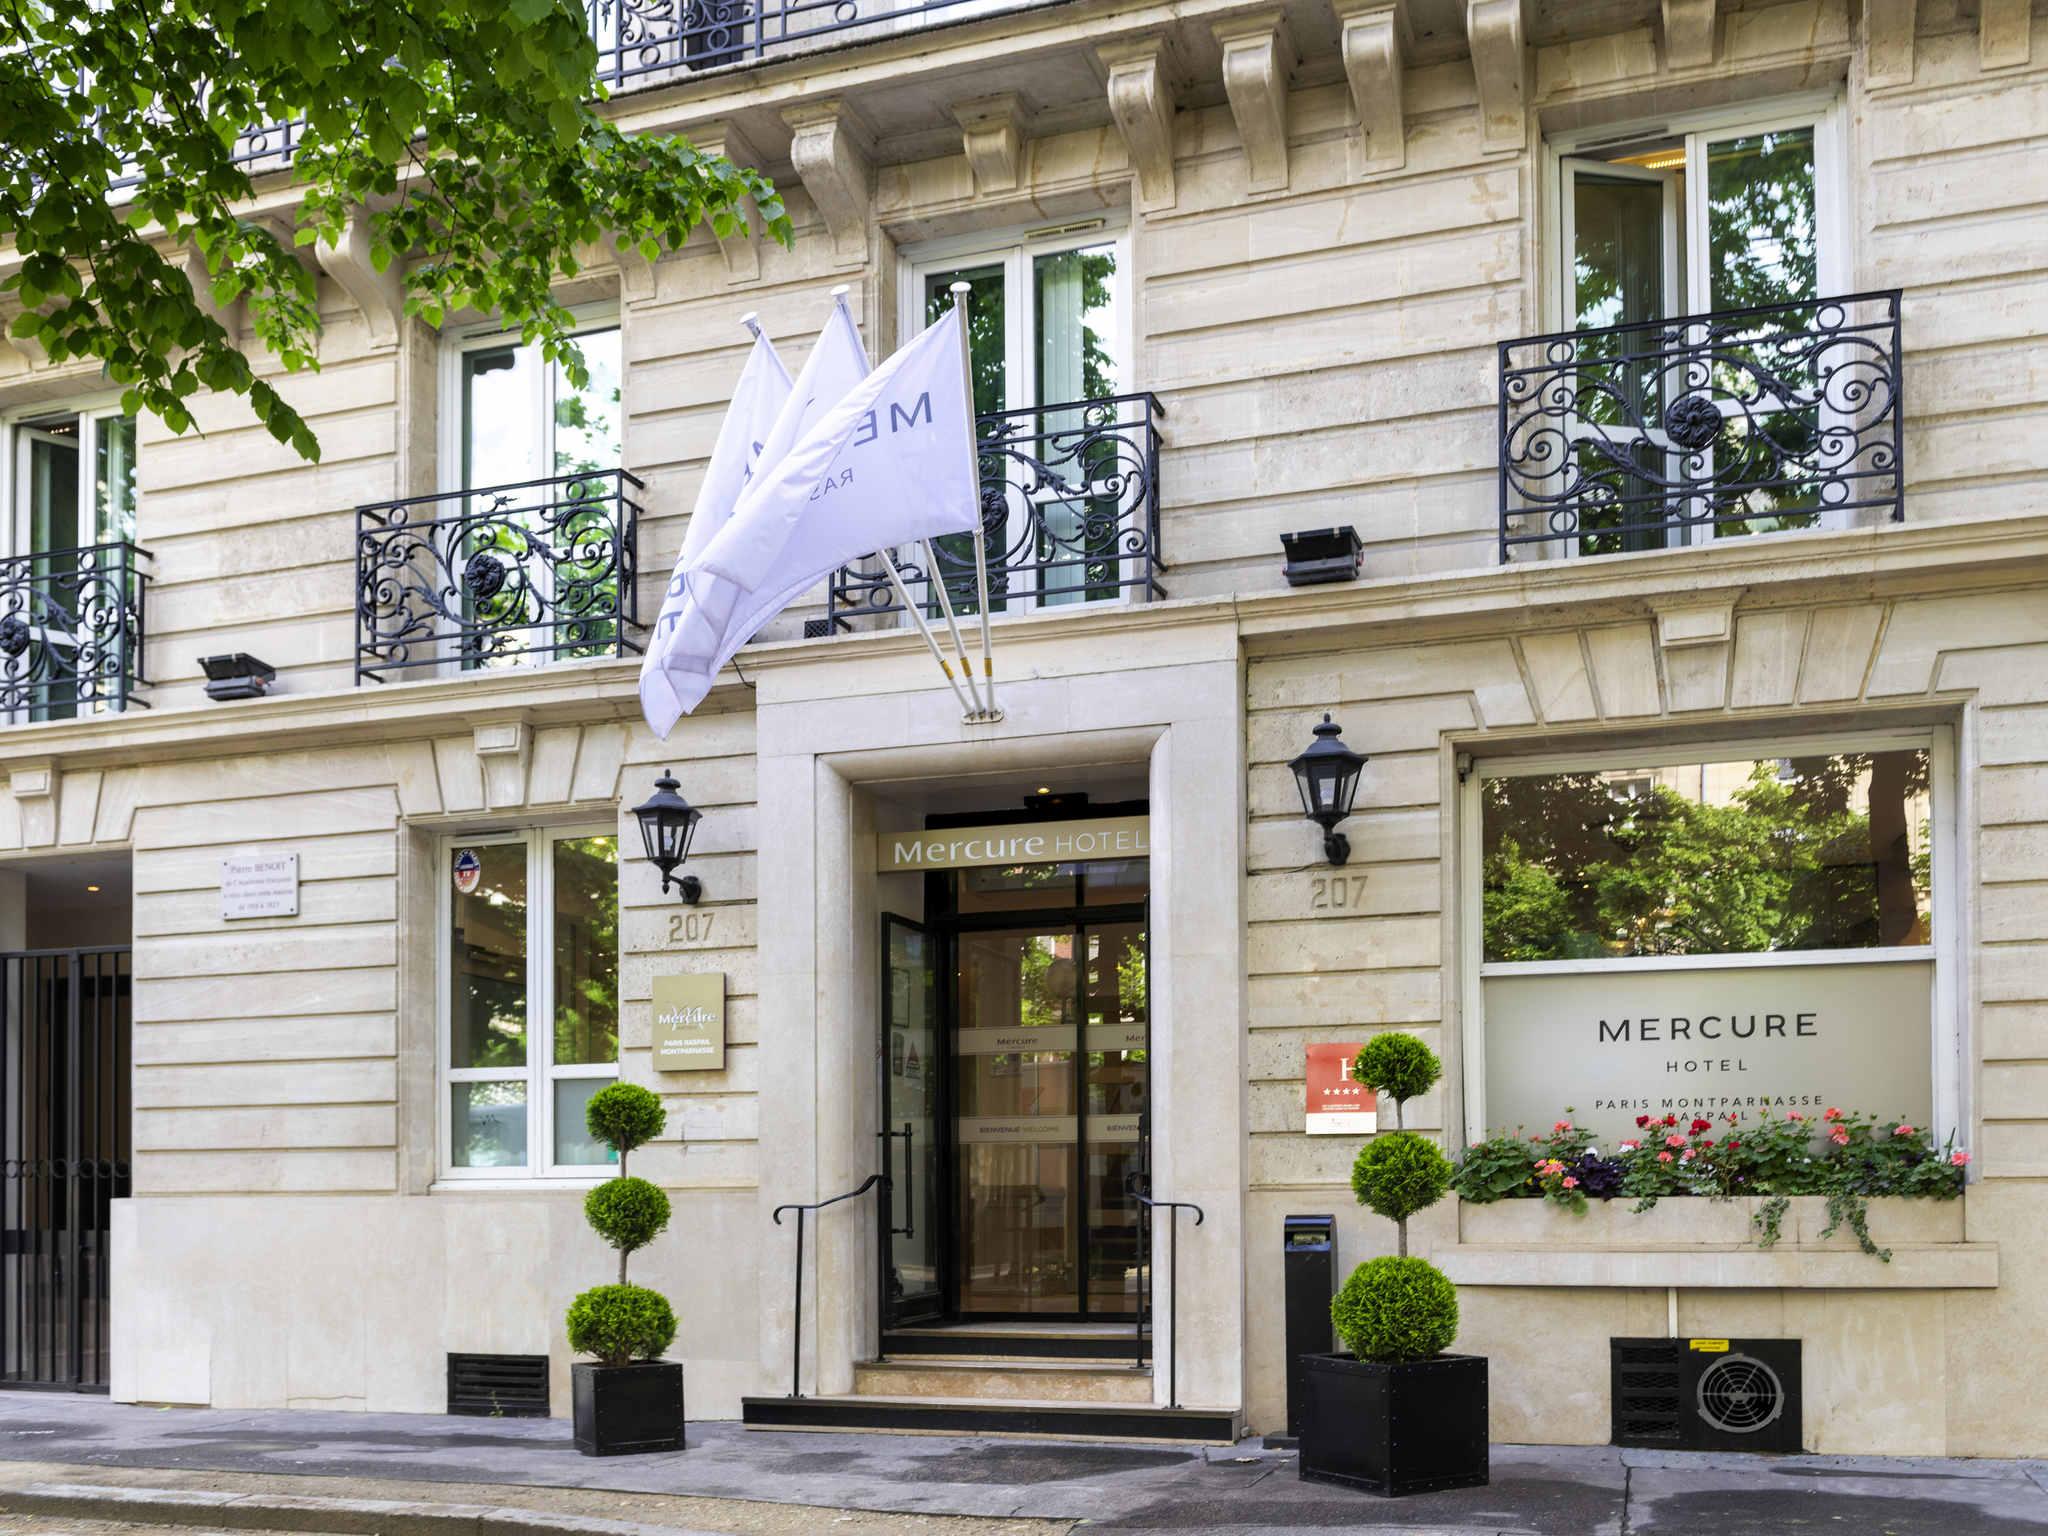 Hotell – Hotell Mercure Paris Montparnasse Raspail